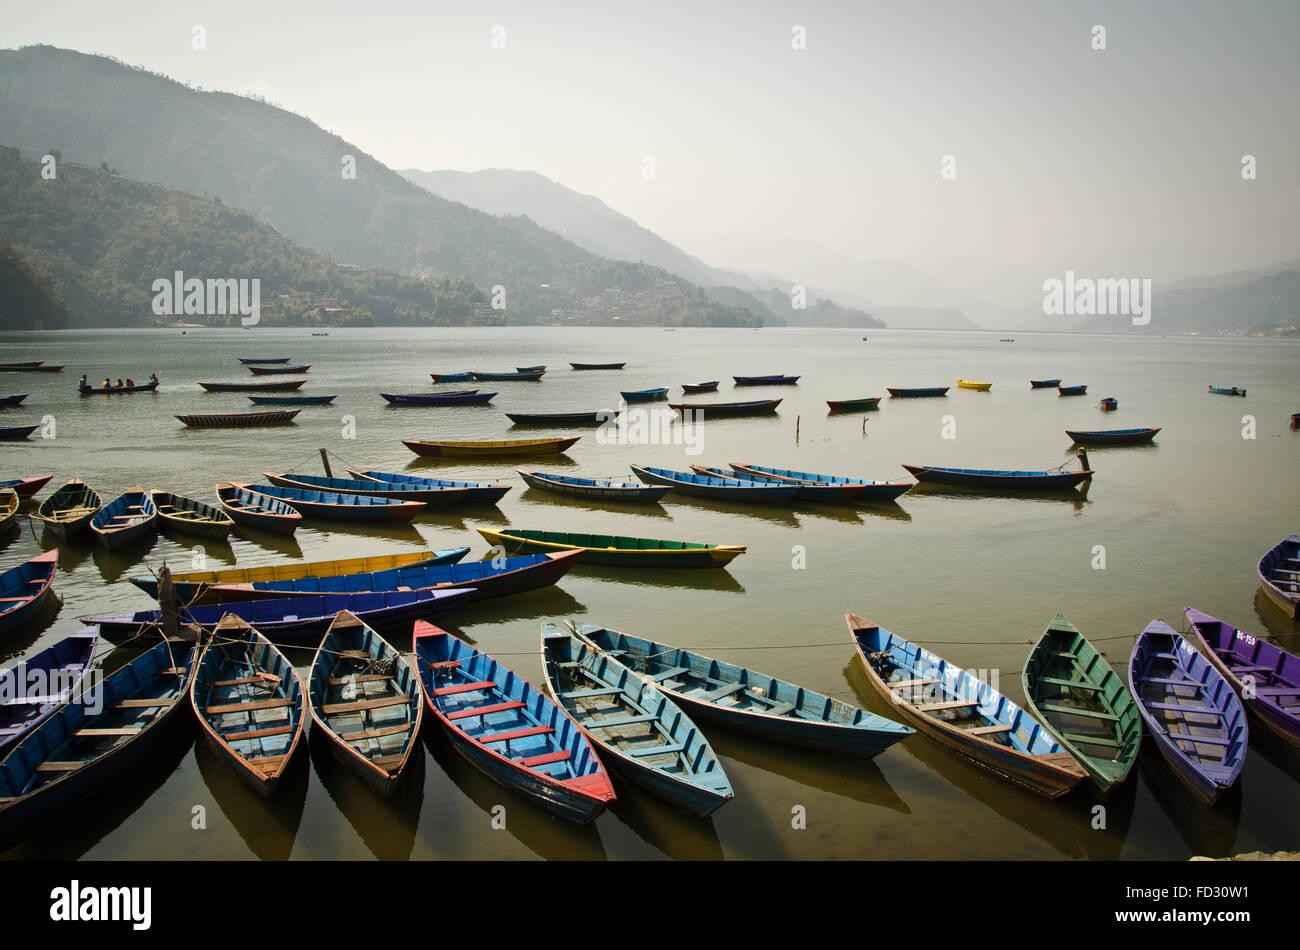 Boats on Phewa Lake, Pokhara, Nepal - Stock Image